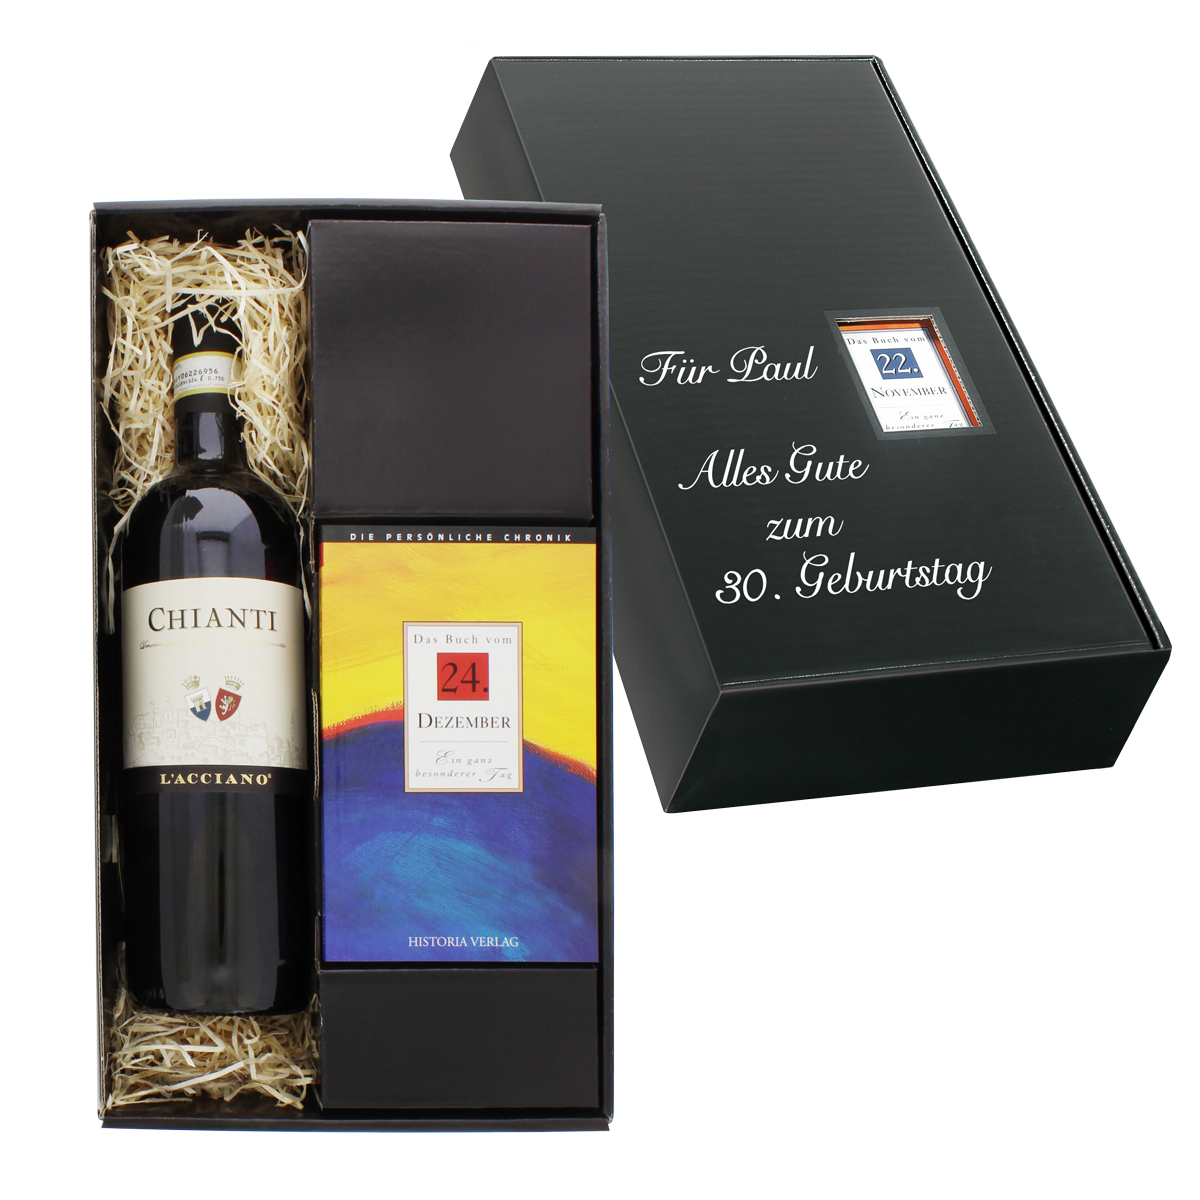 Italien-Set: Tageschronik vom 17. Dezember & Chianti-Wein